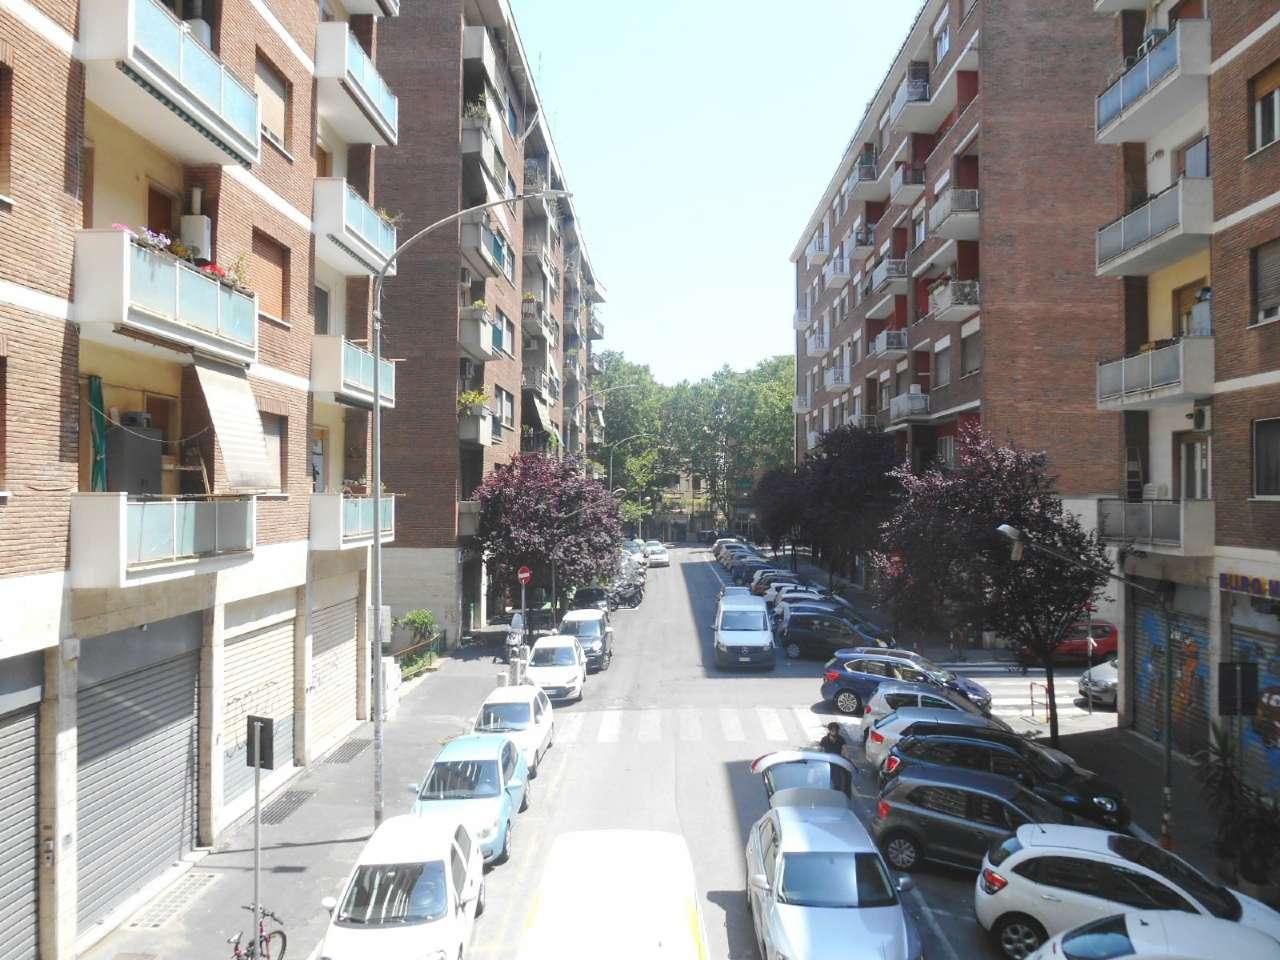 Appartamento Roma Via Batteria Nomentana Elenchi E Prezzi